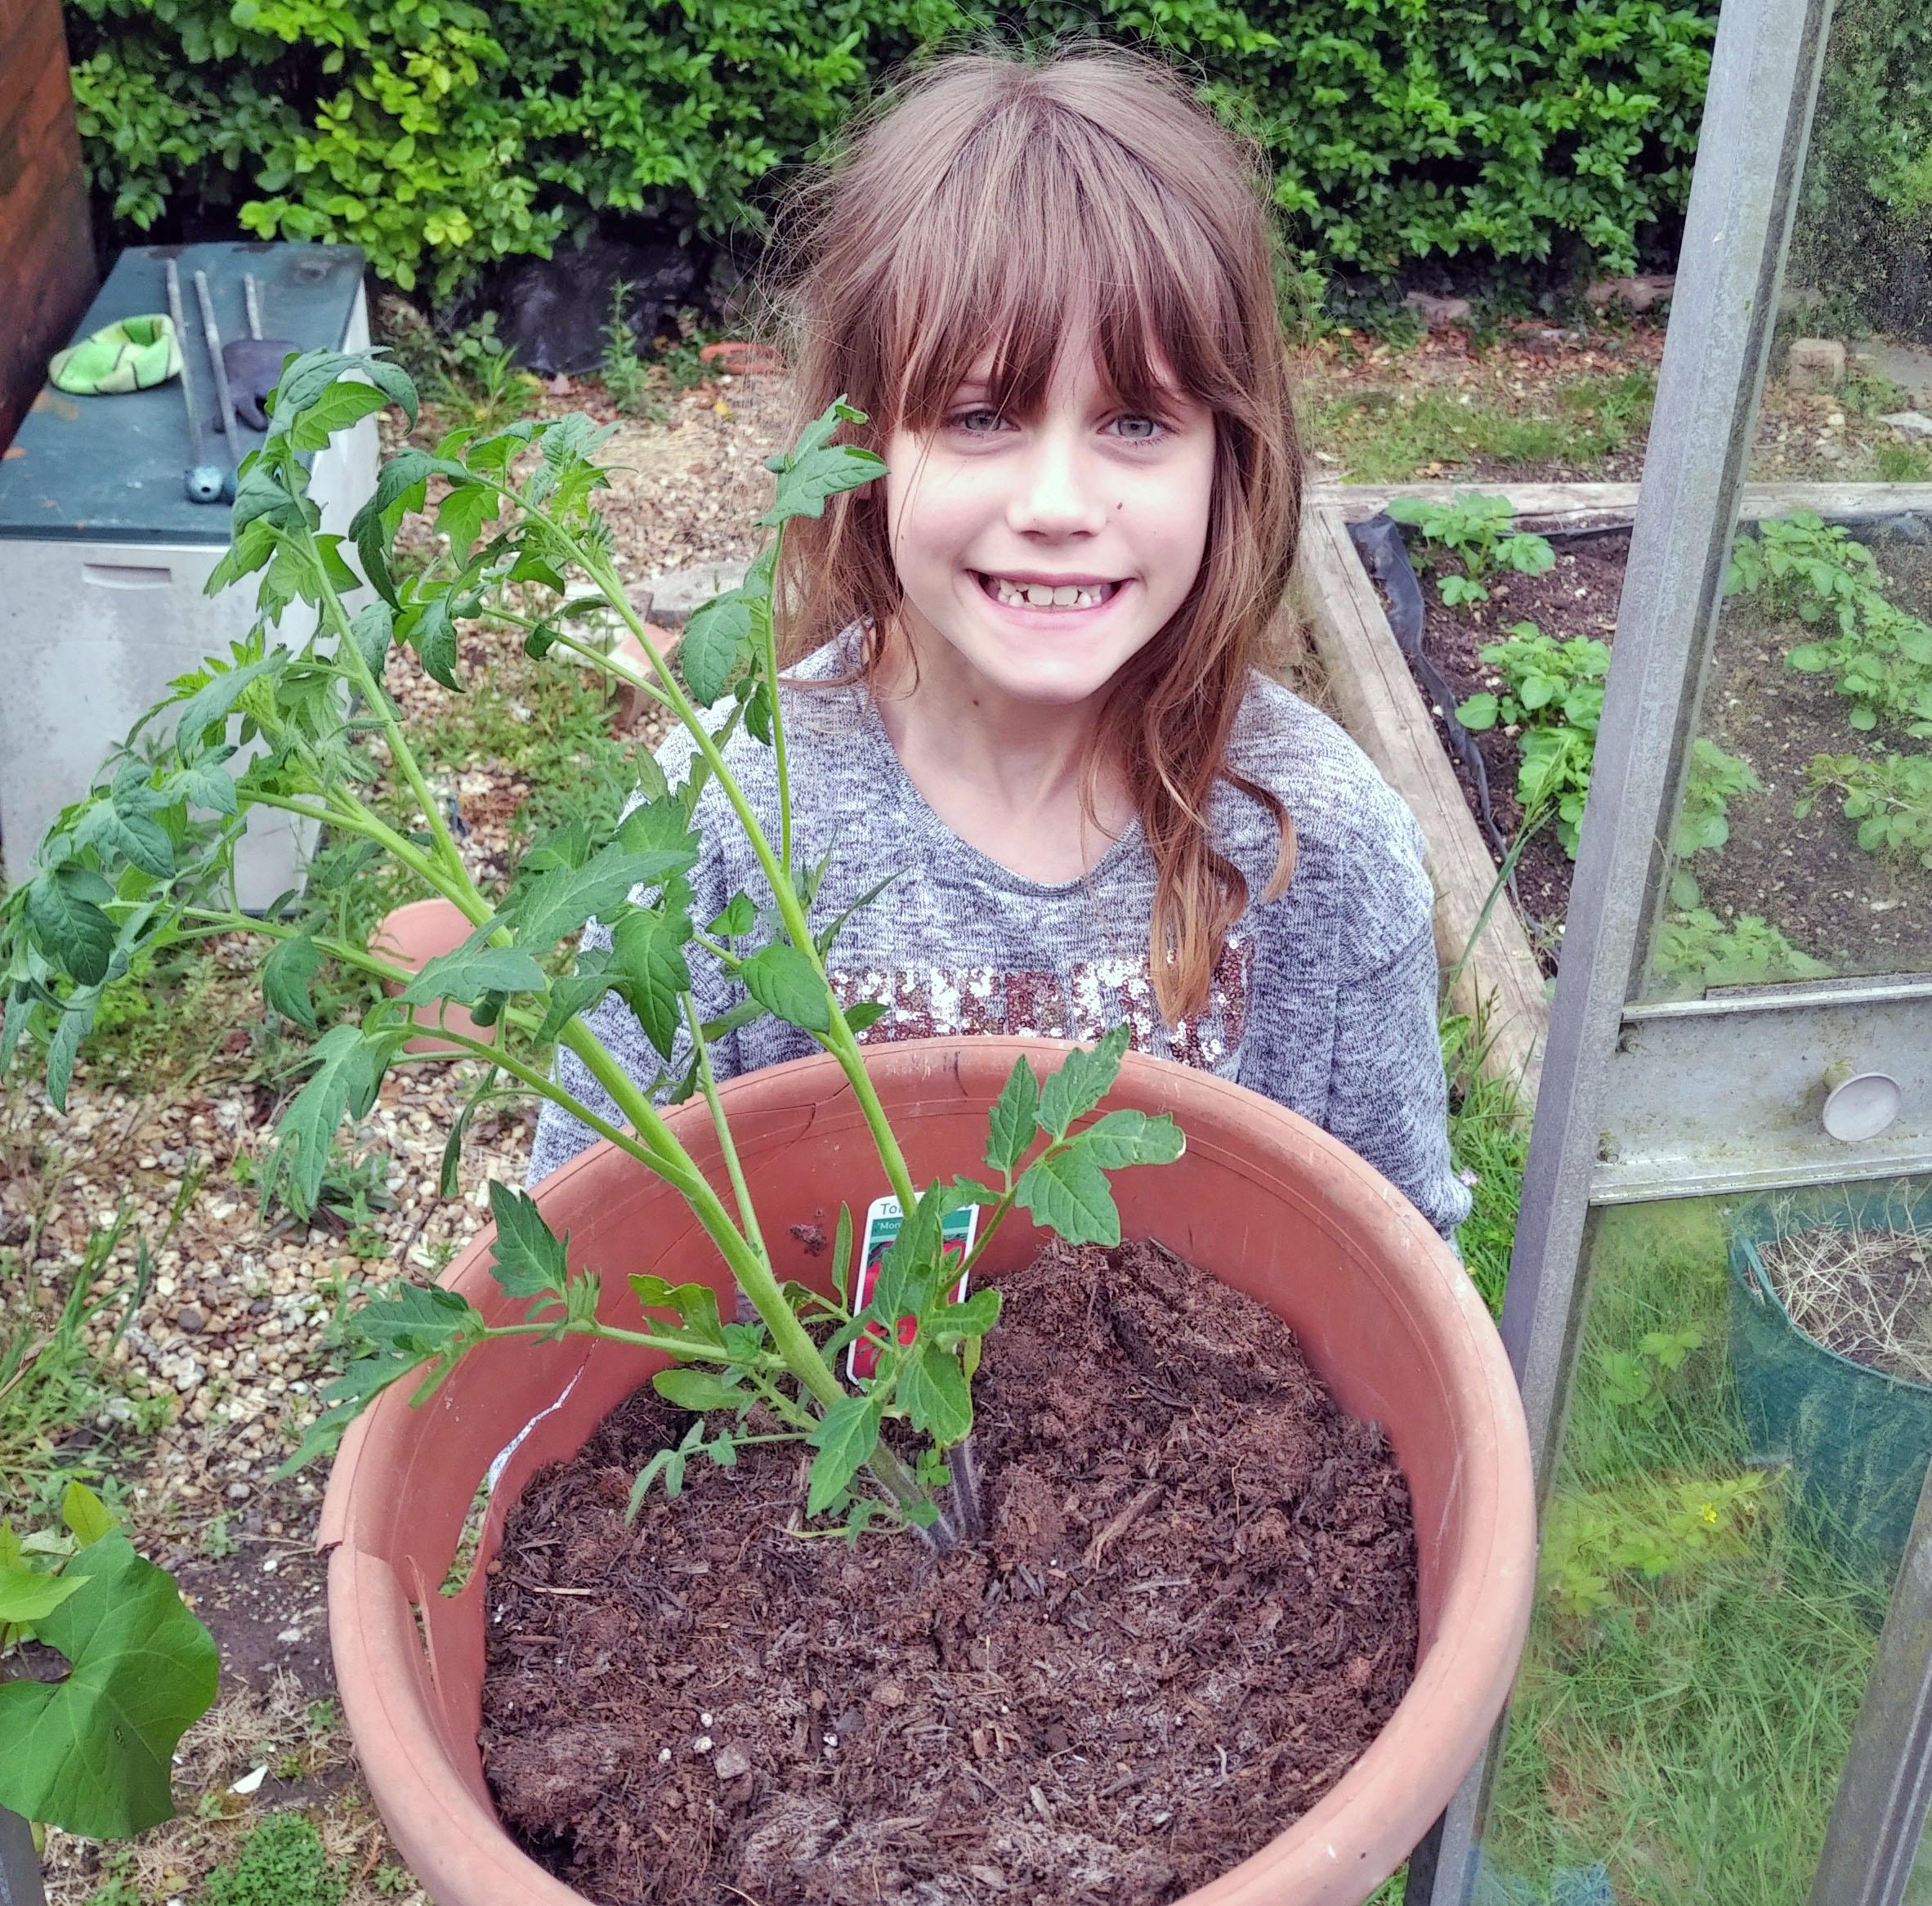 gardening, gardening with children, dad blog uk, dadbloguk.com, school run dad, vegetable garden